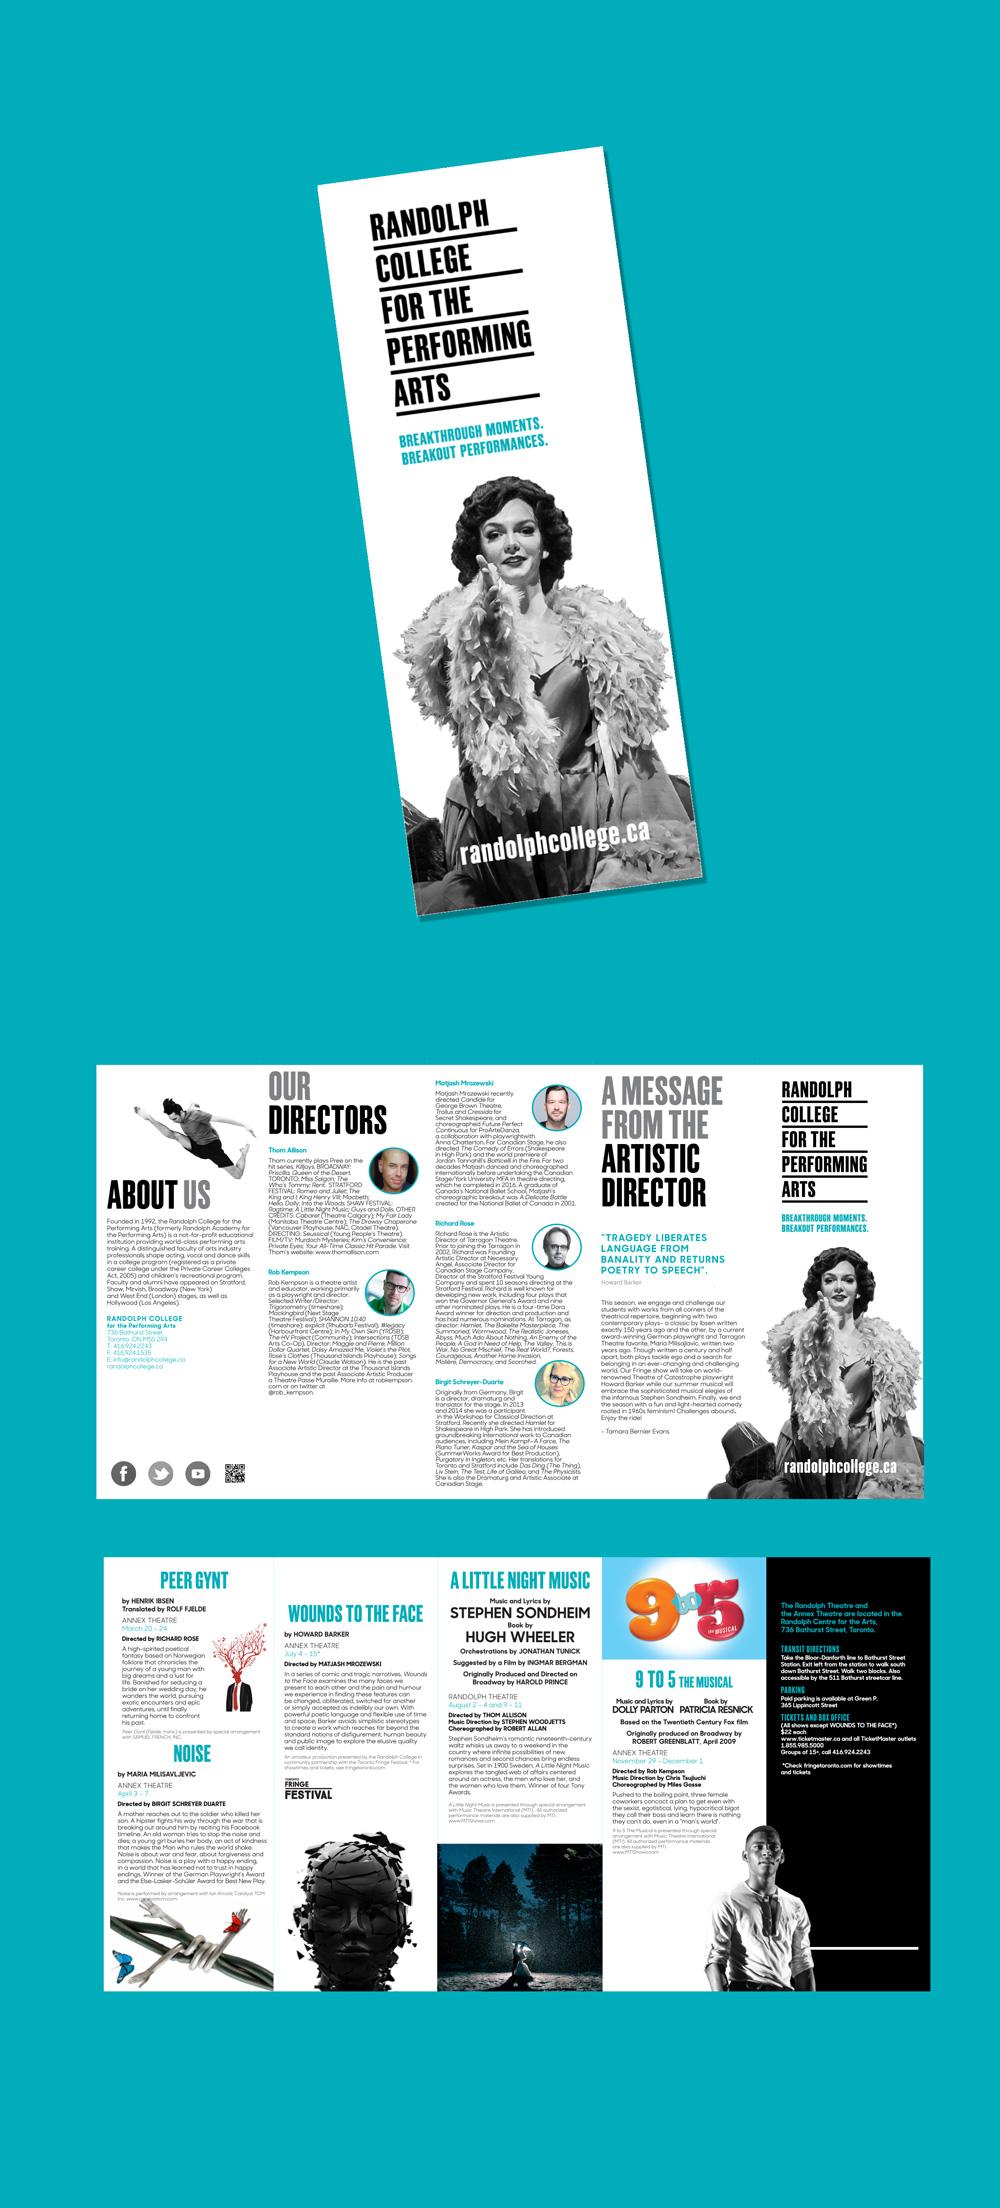 amy-killoran-graphic-design-for-the-arts-randolph-college